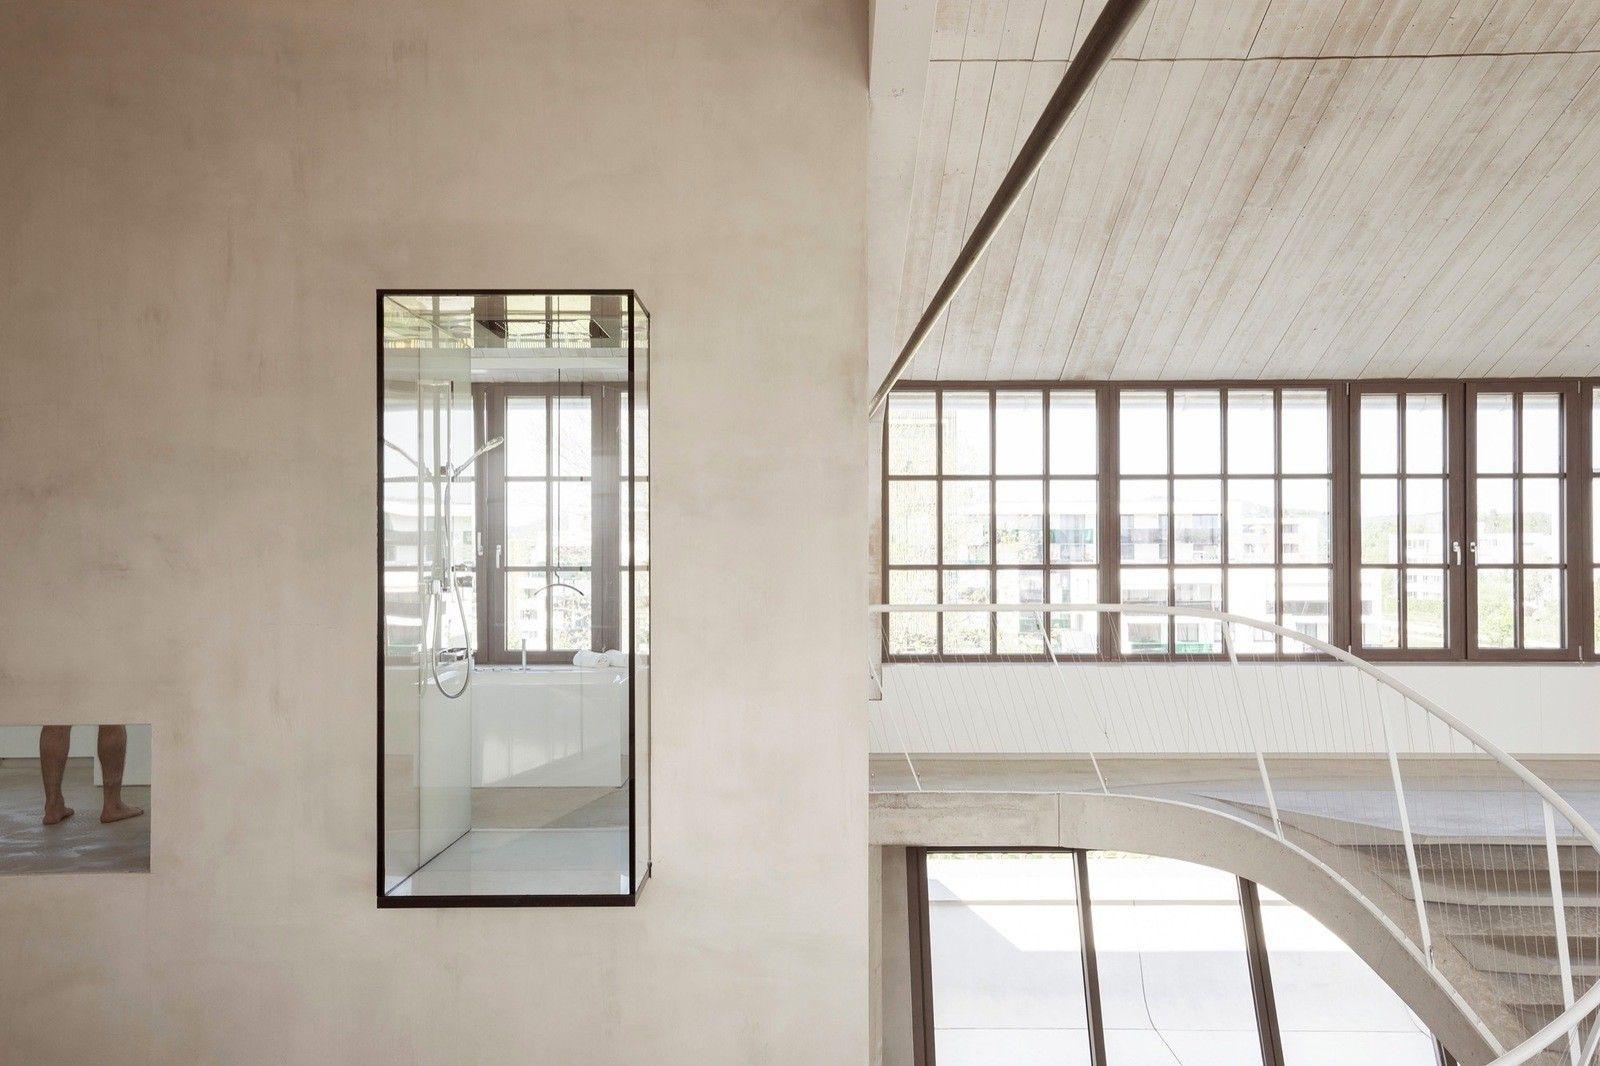 Двухэтажный лофт в Зальцбурге, Австрия